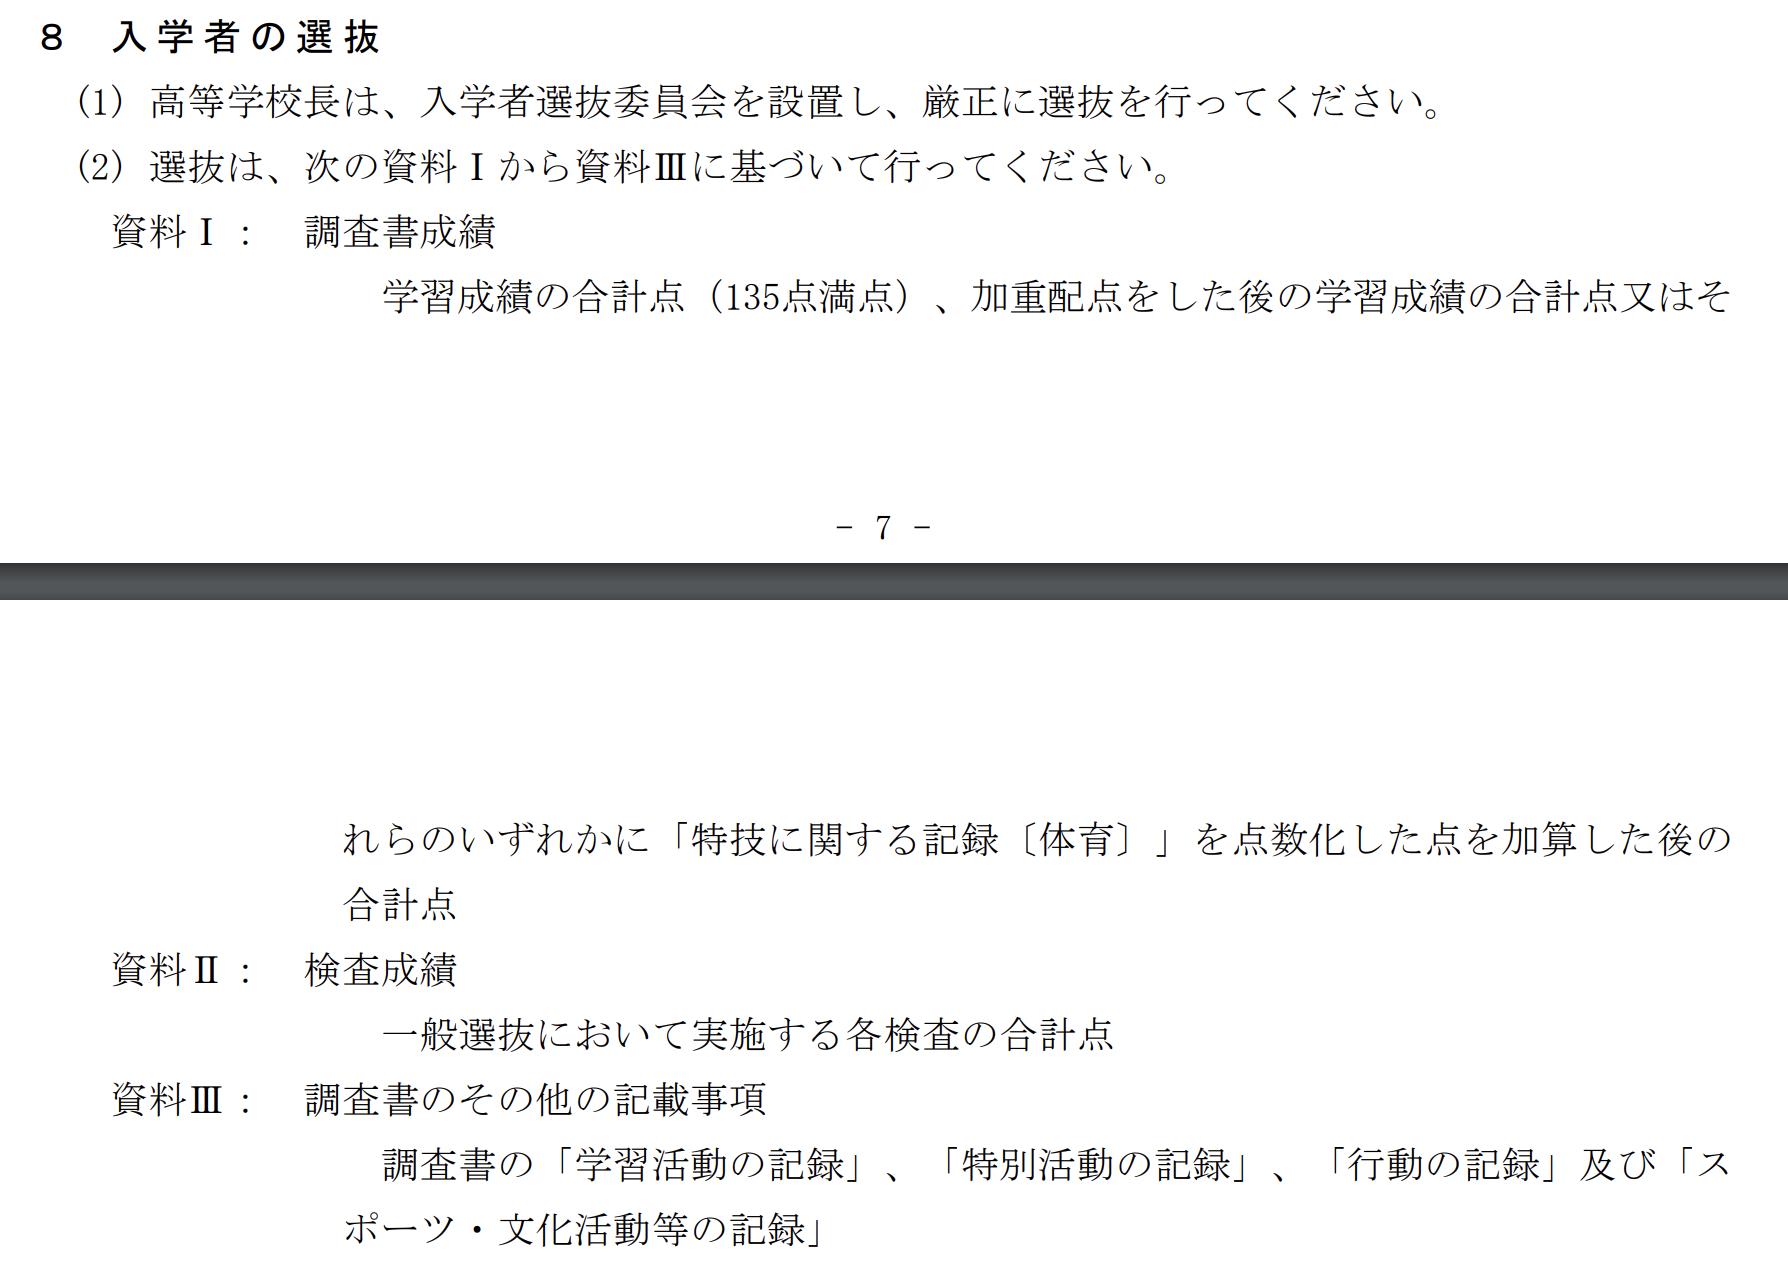 教育 委員 入試 高校 県 奈良 会